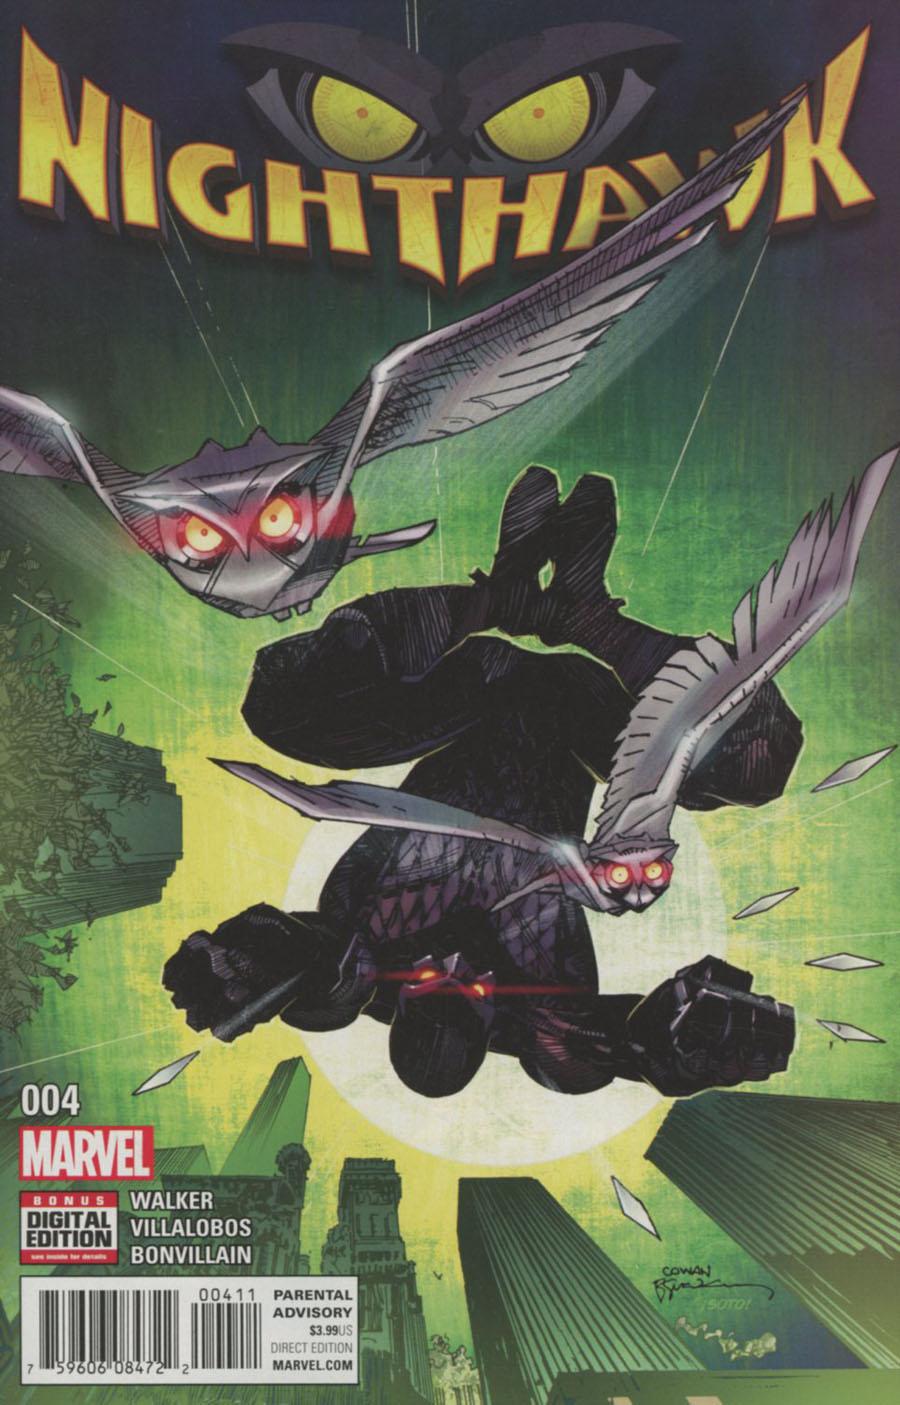 Nighthawk Vol 2 #4